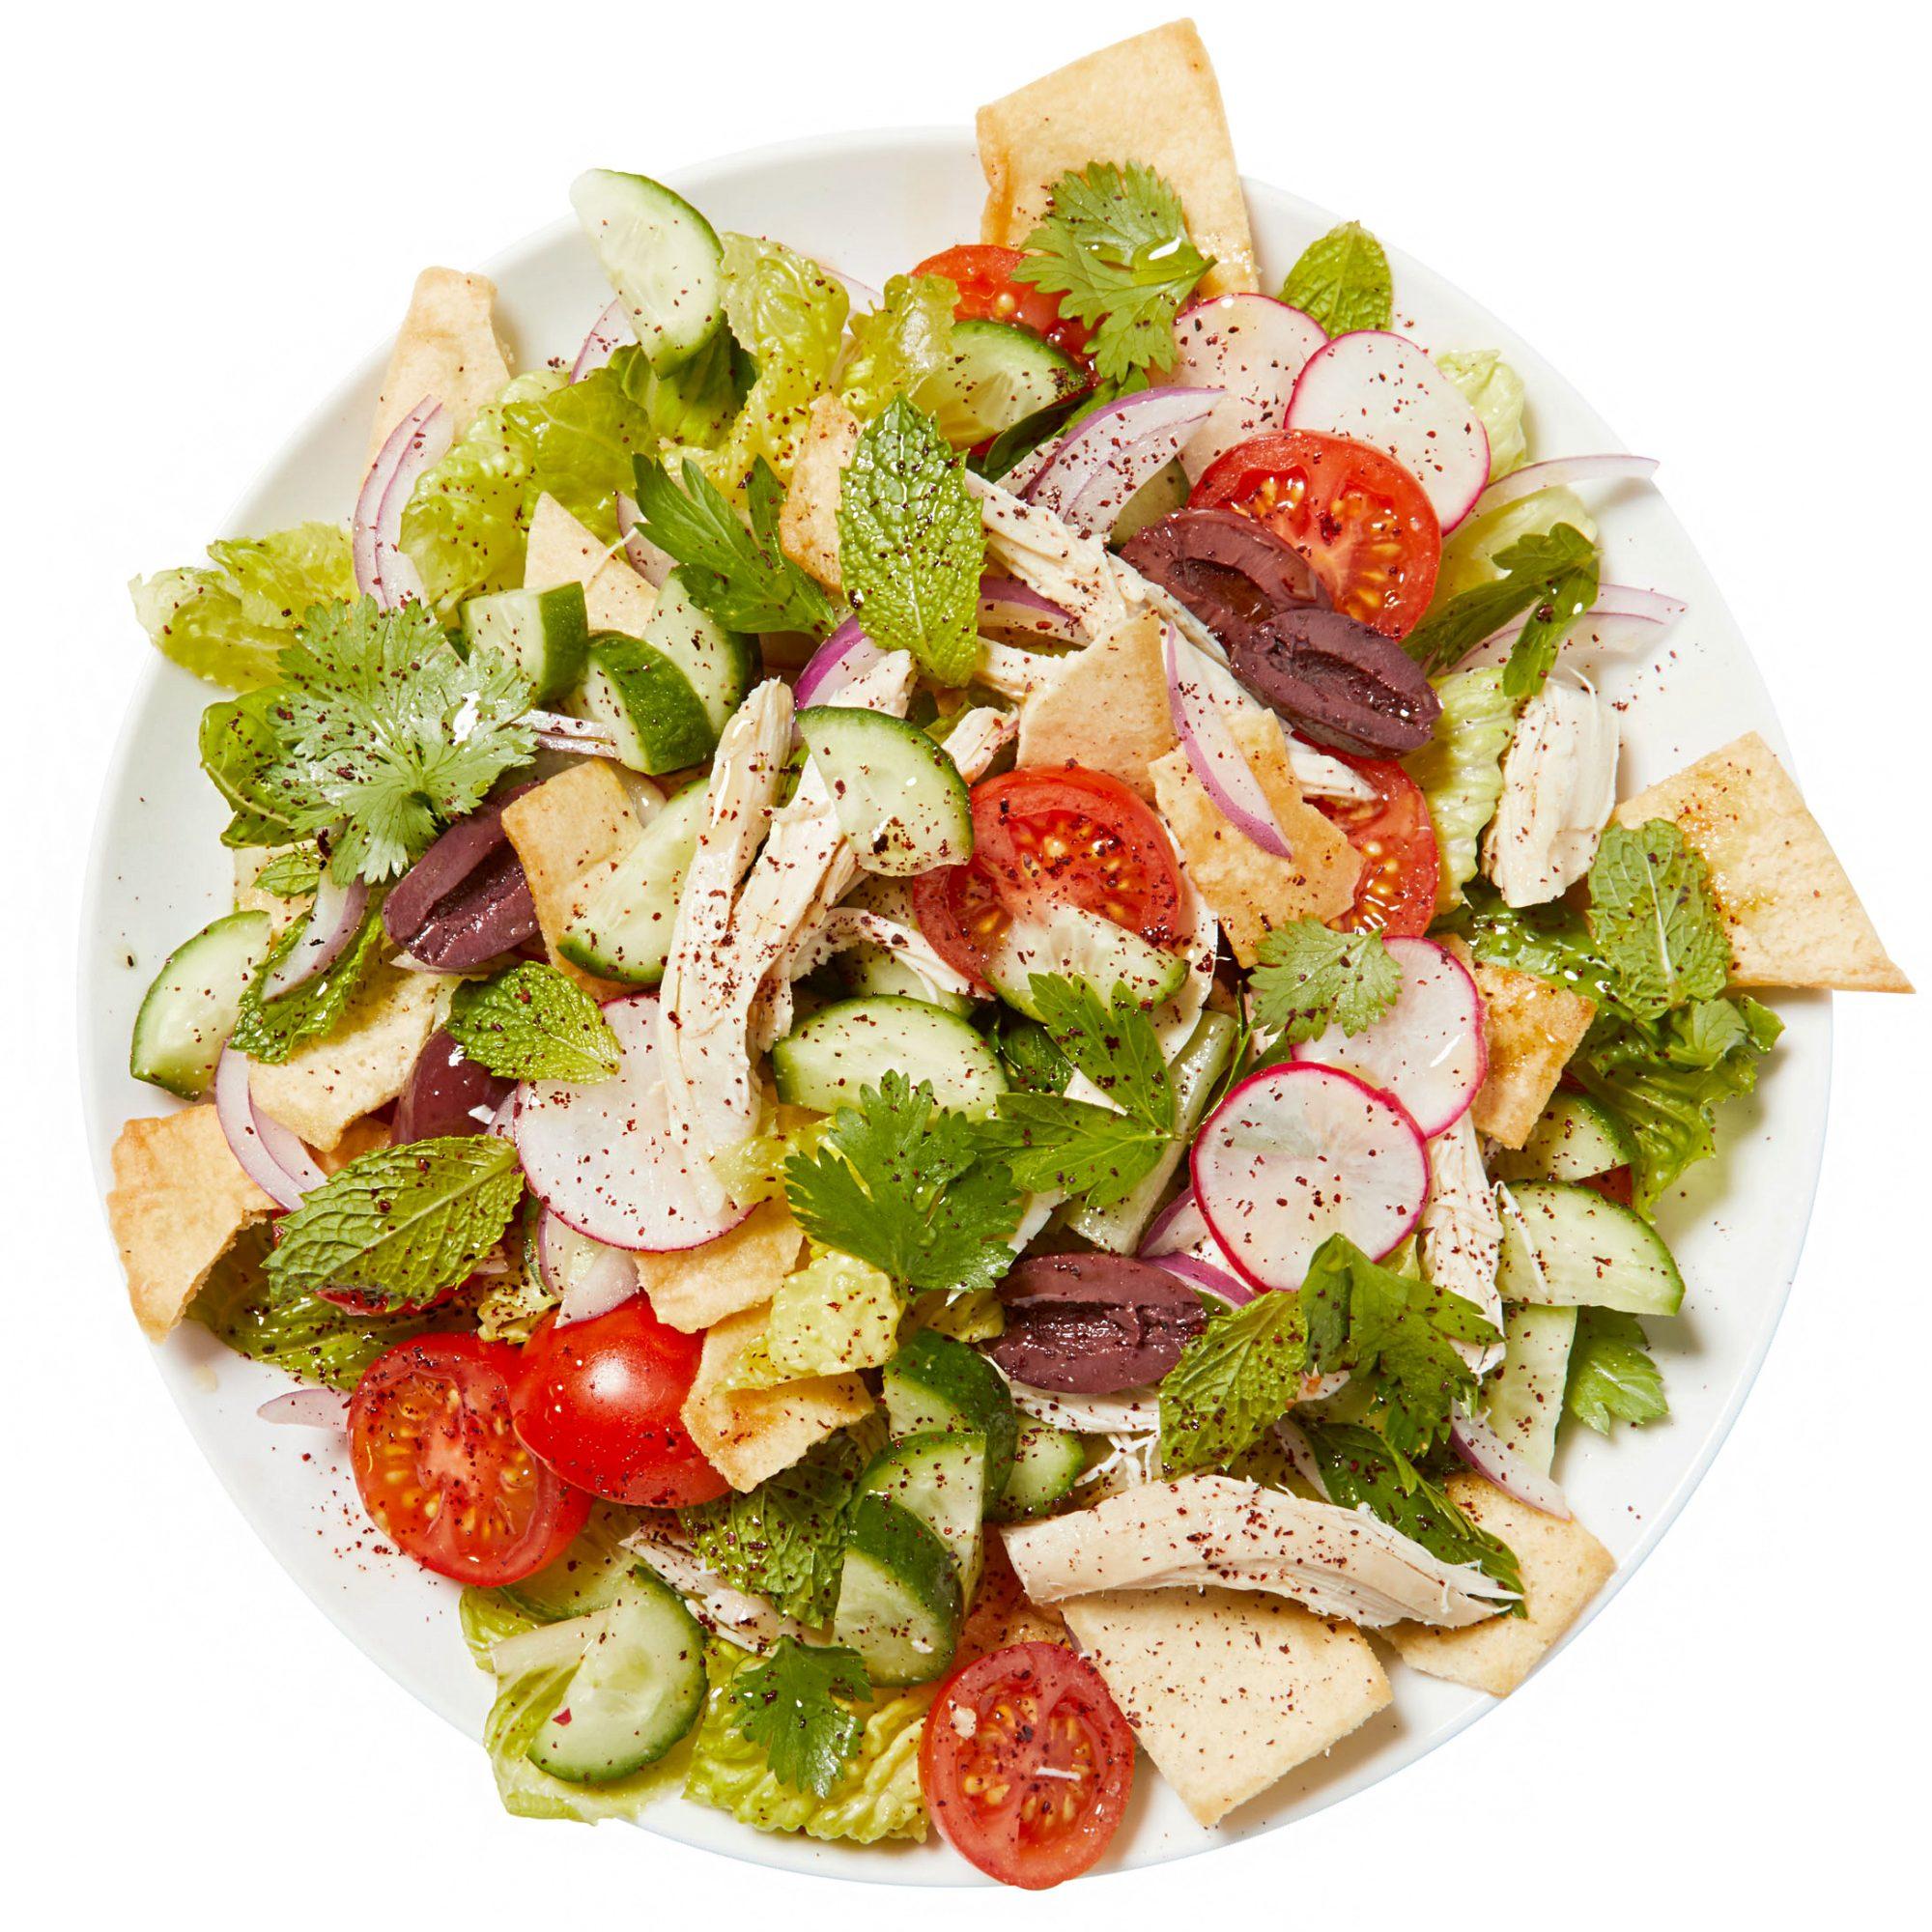 chicken fattoush salad